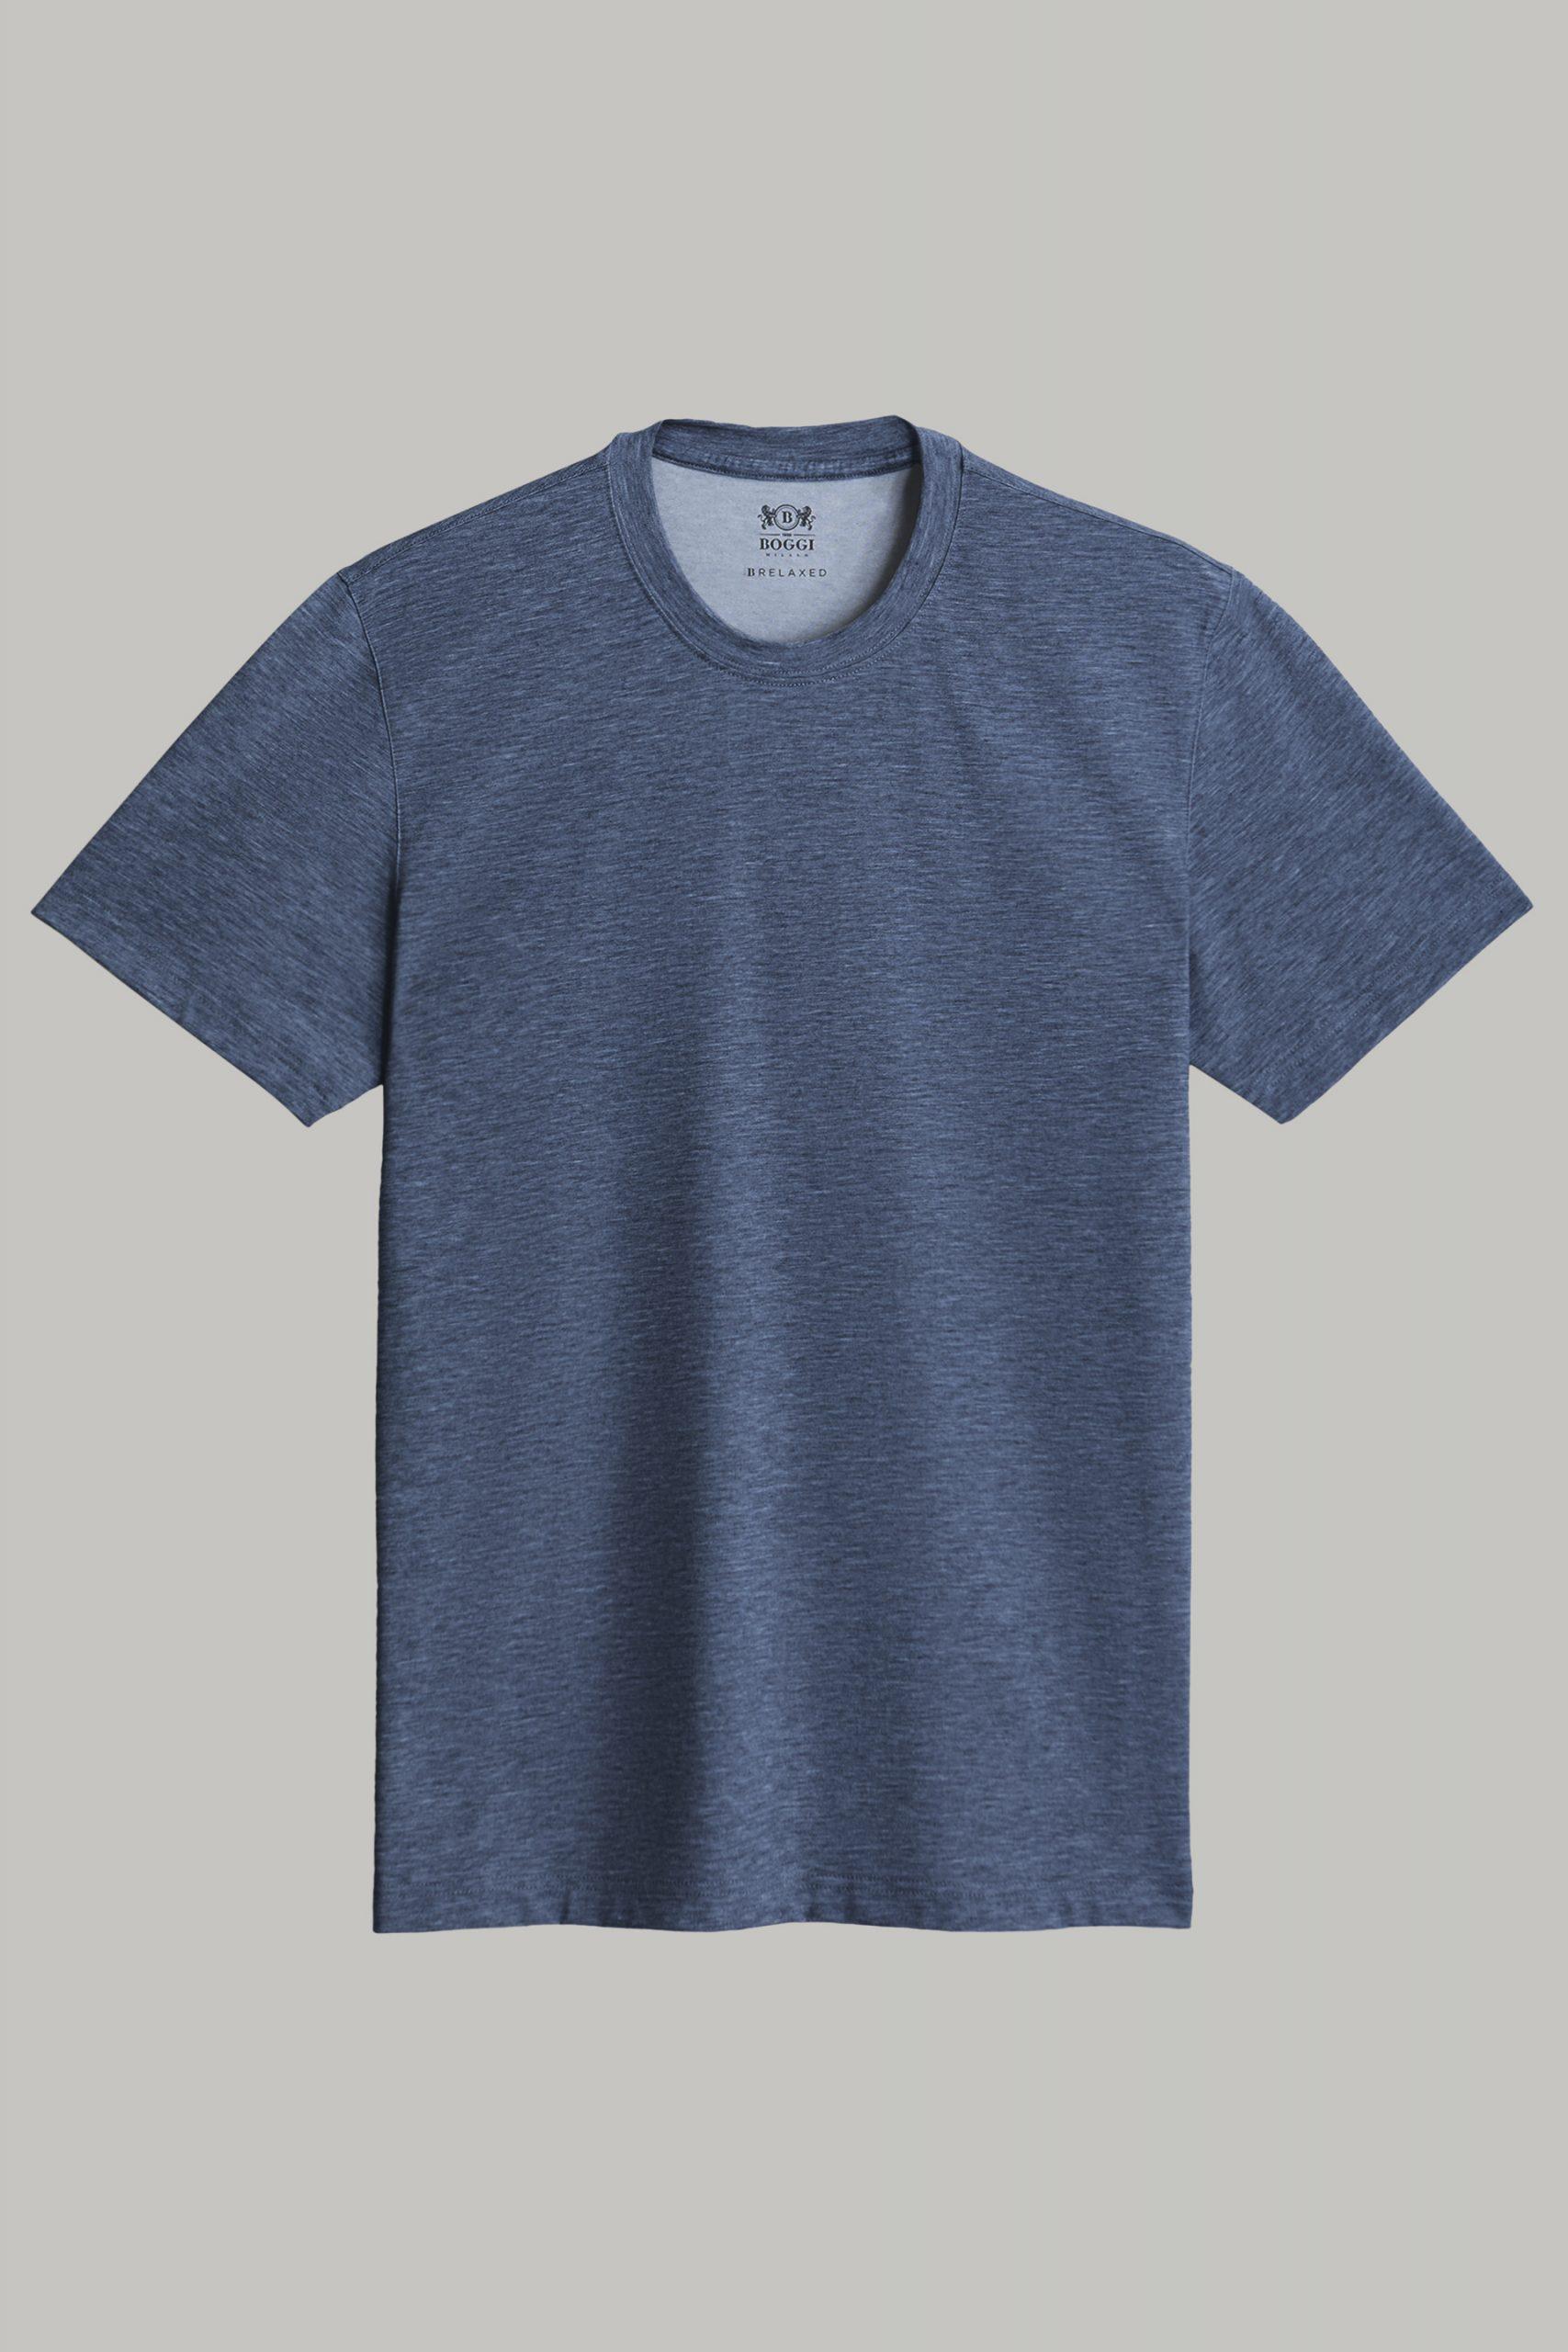 T-Shirts da uomo in colore Navy in materiale